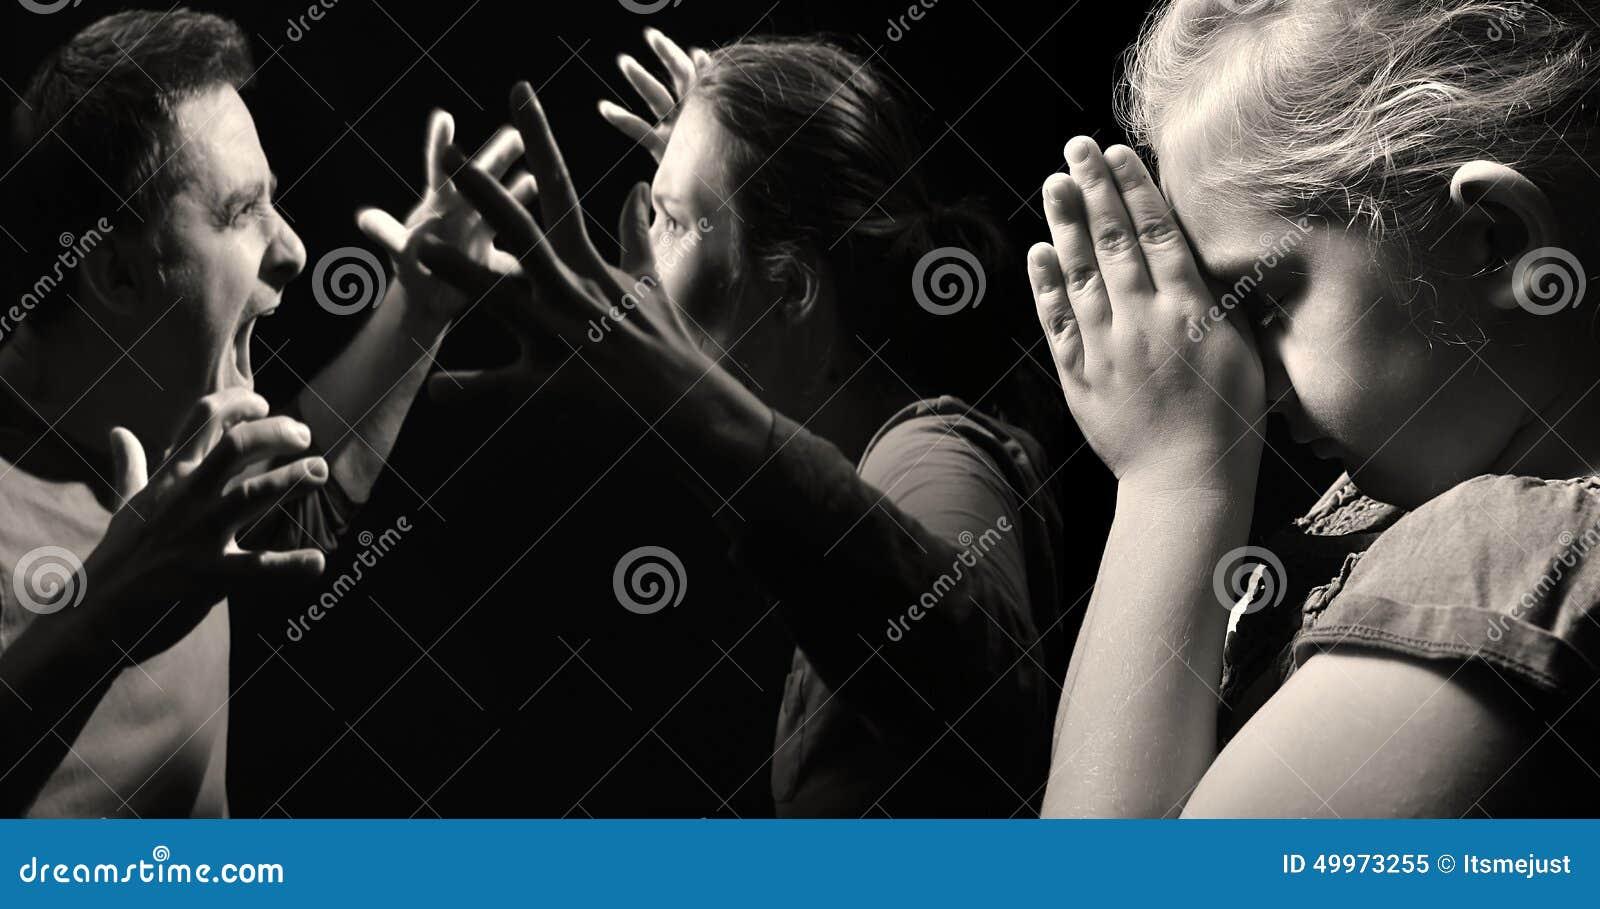 Dziecko ono modli się dla pokoju w rodzinie na tle bełt